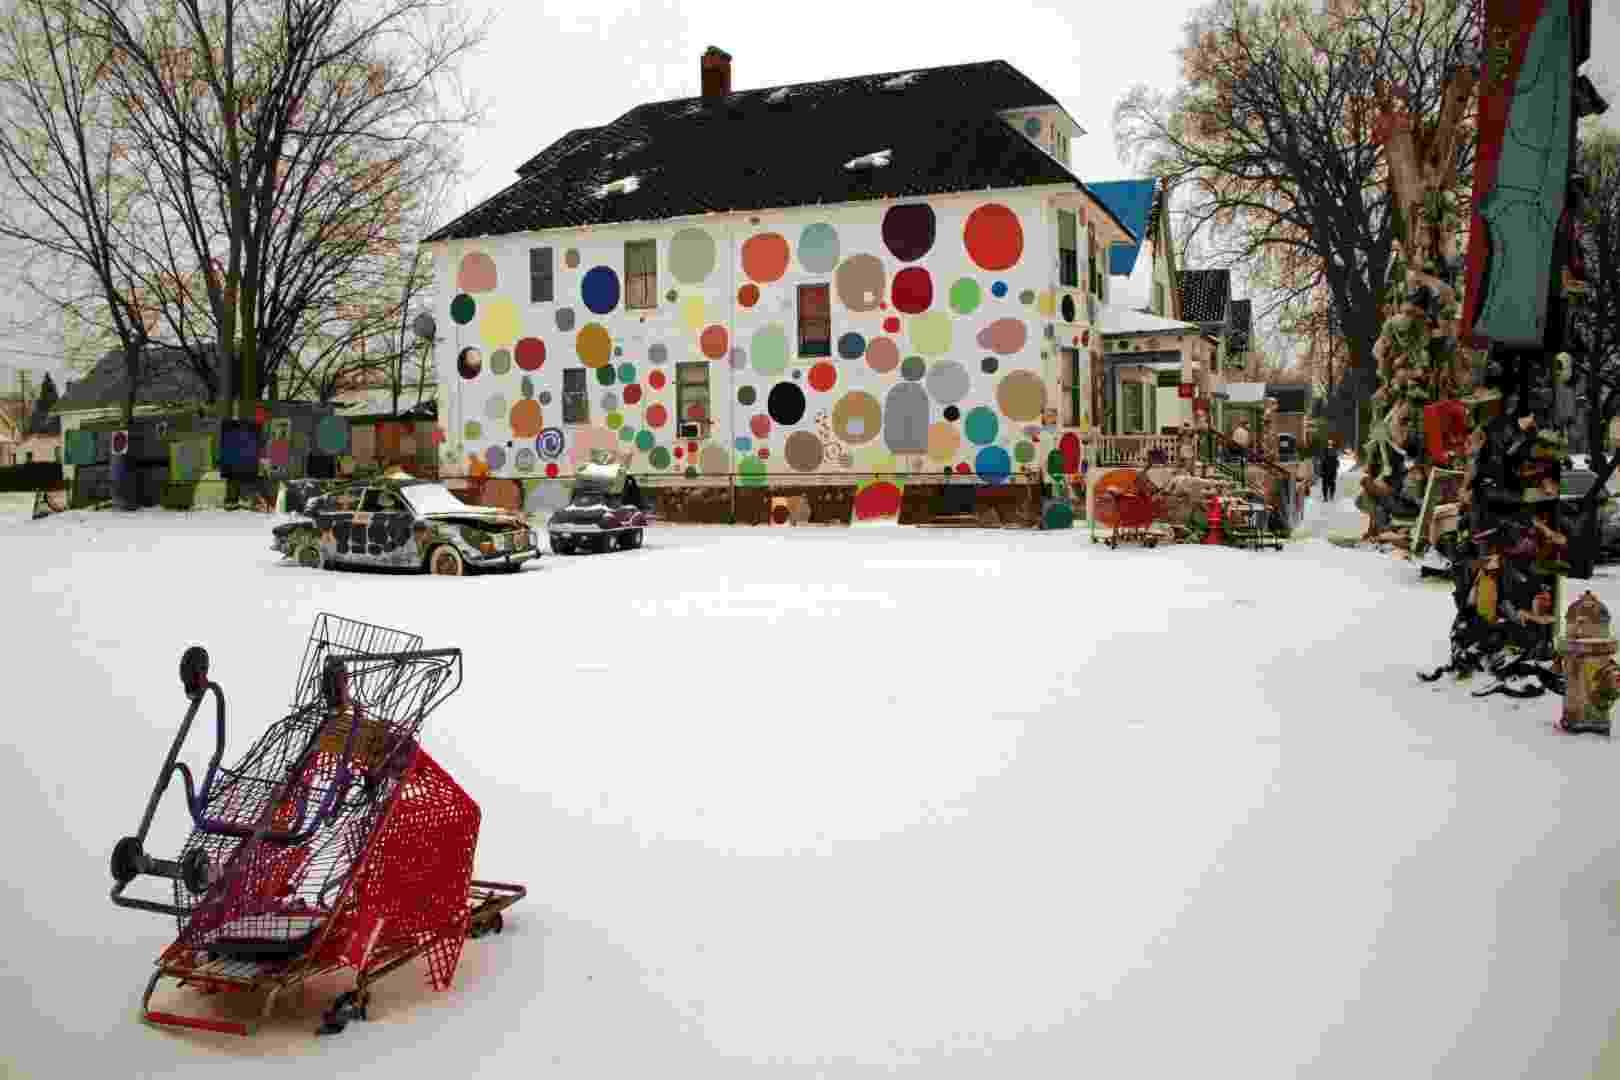 Vista de um dos interessantes projetos de Detroit, no nordeste dos Estados Unidos, que transformou construções abandonadas dessa cidade assolada por diversas crises econômicas em instalações artísticas a céu aberto - Eduardo Vessoni/UOL